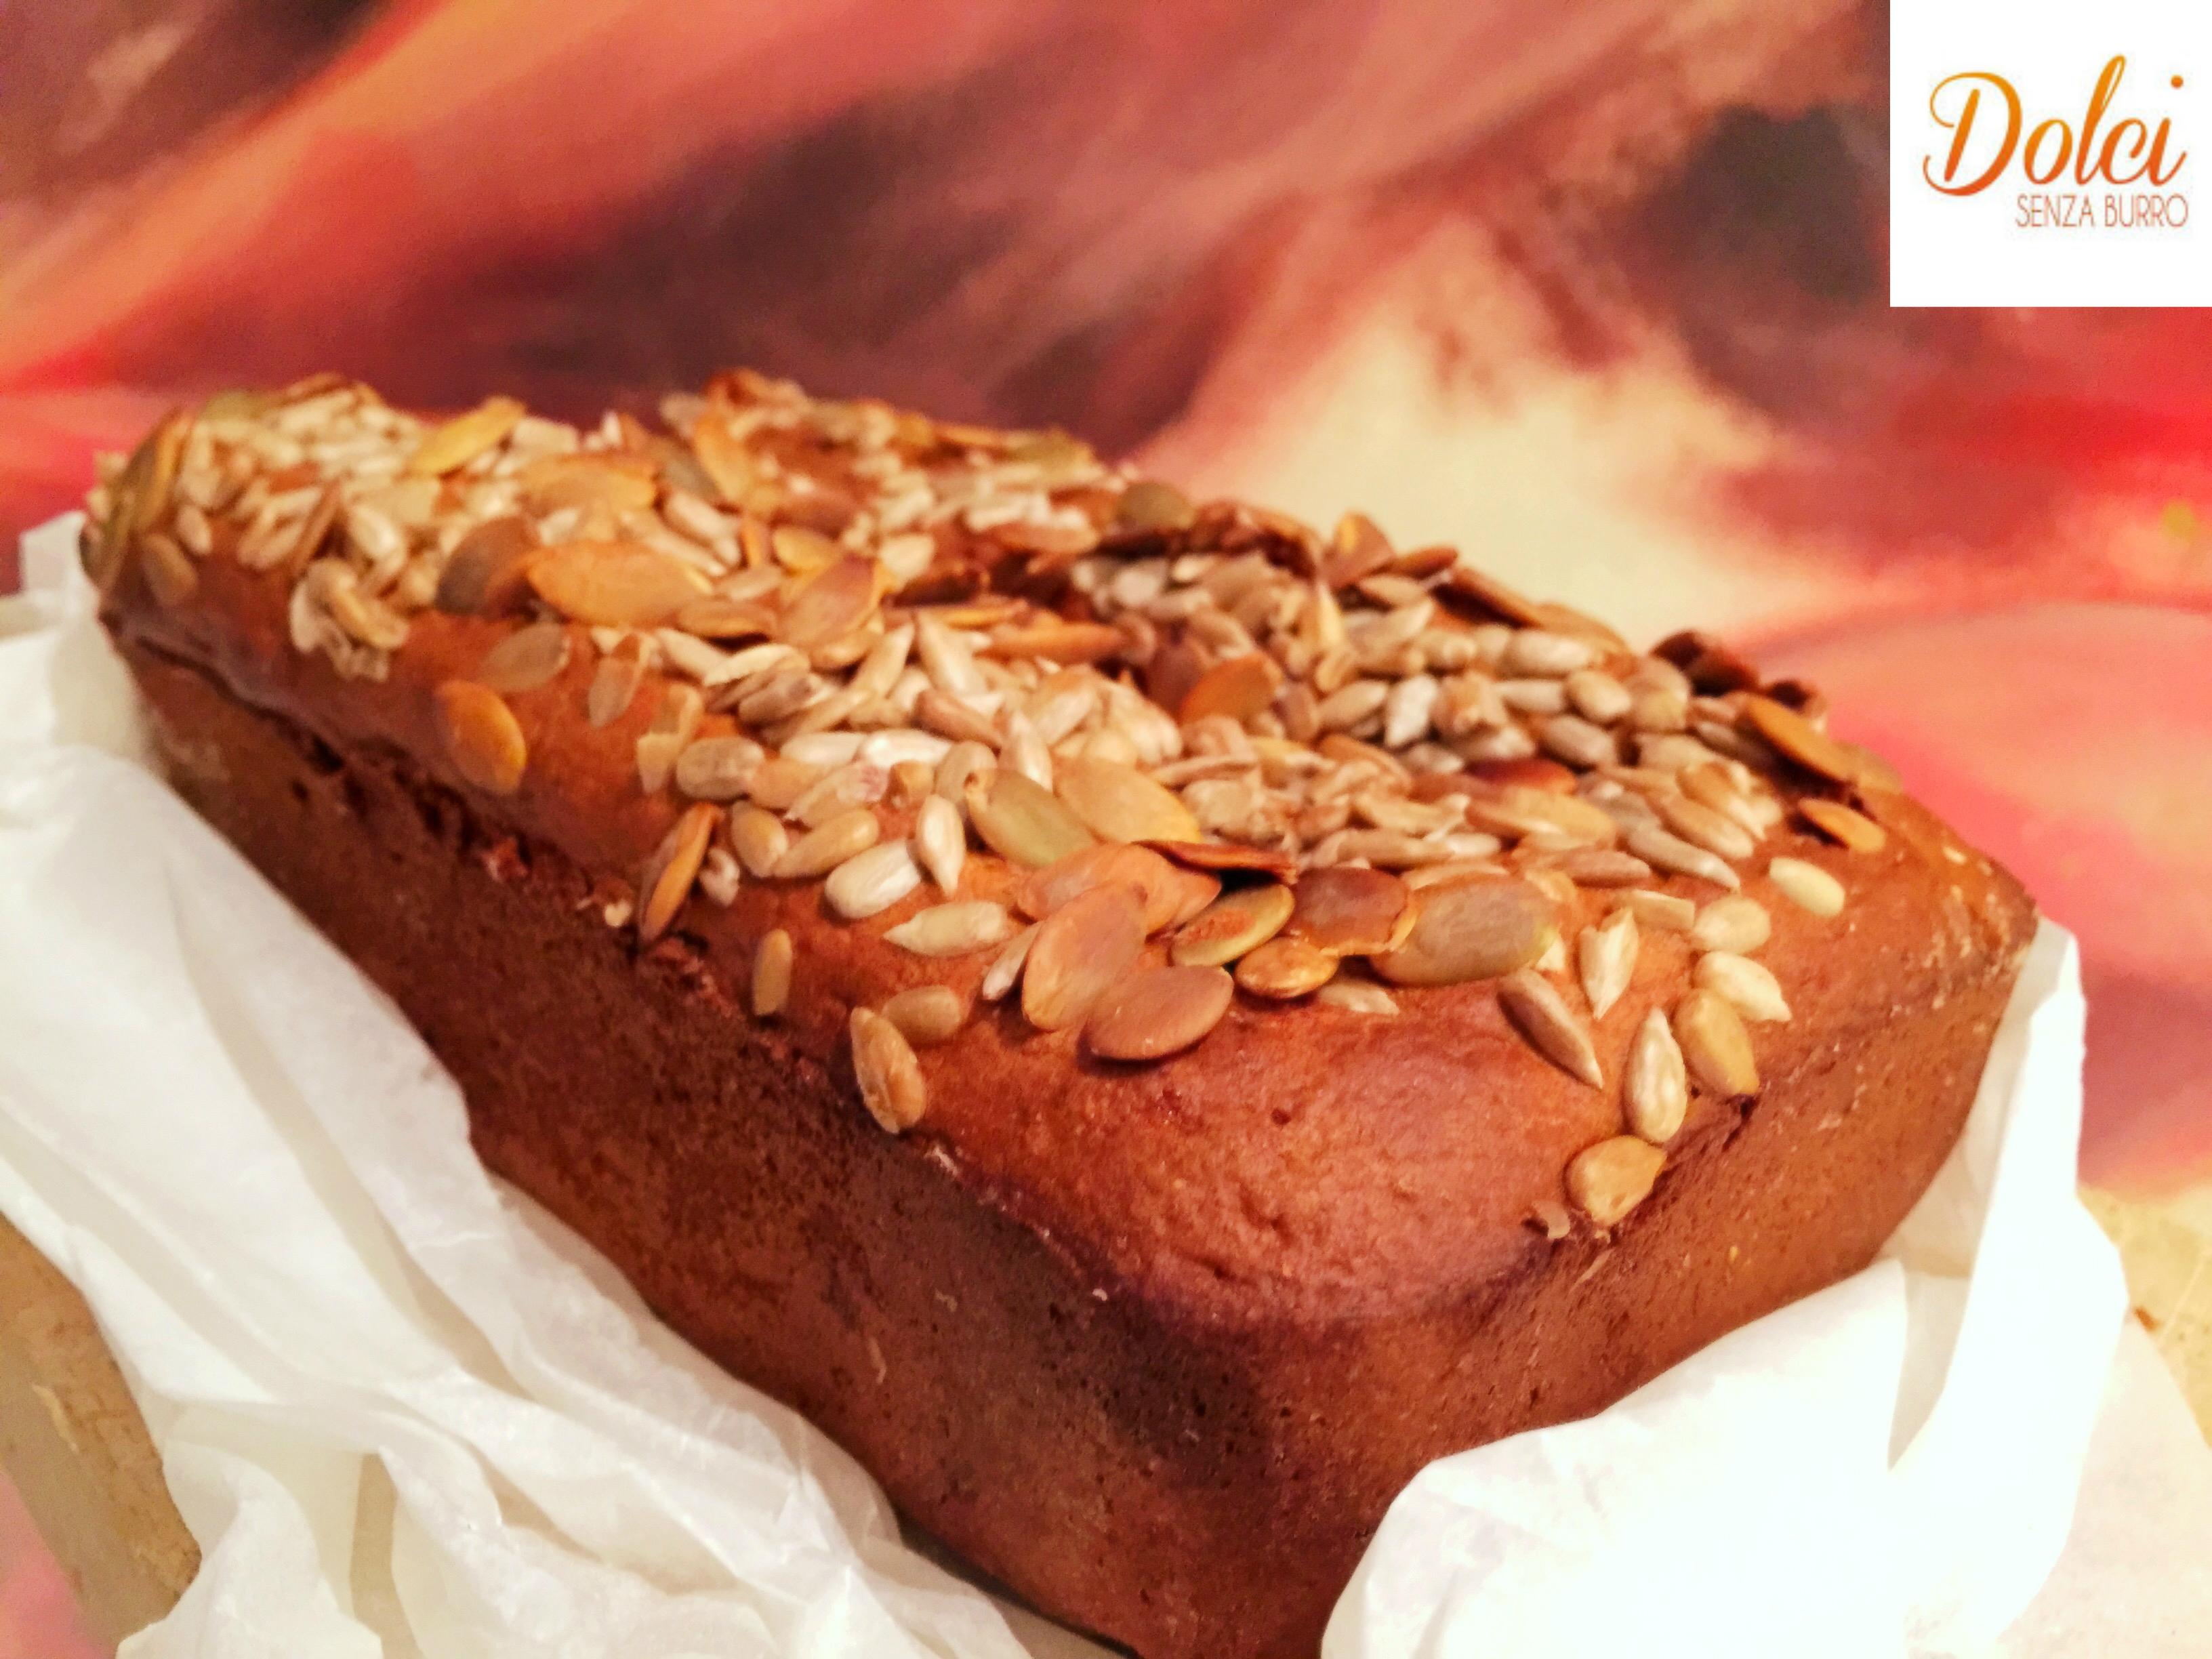 Torta con Semi di Girasole e Zucca Senza Burro, un dolce gustoso sano e genuino di dolci senza burro